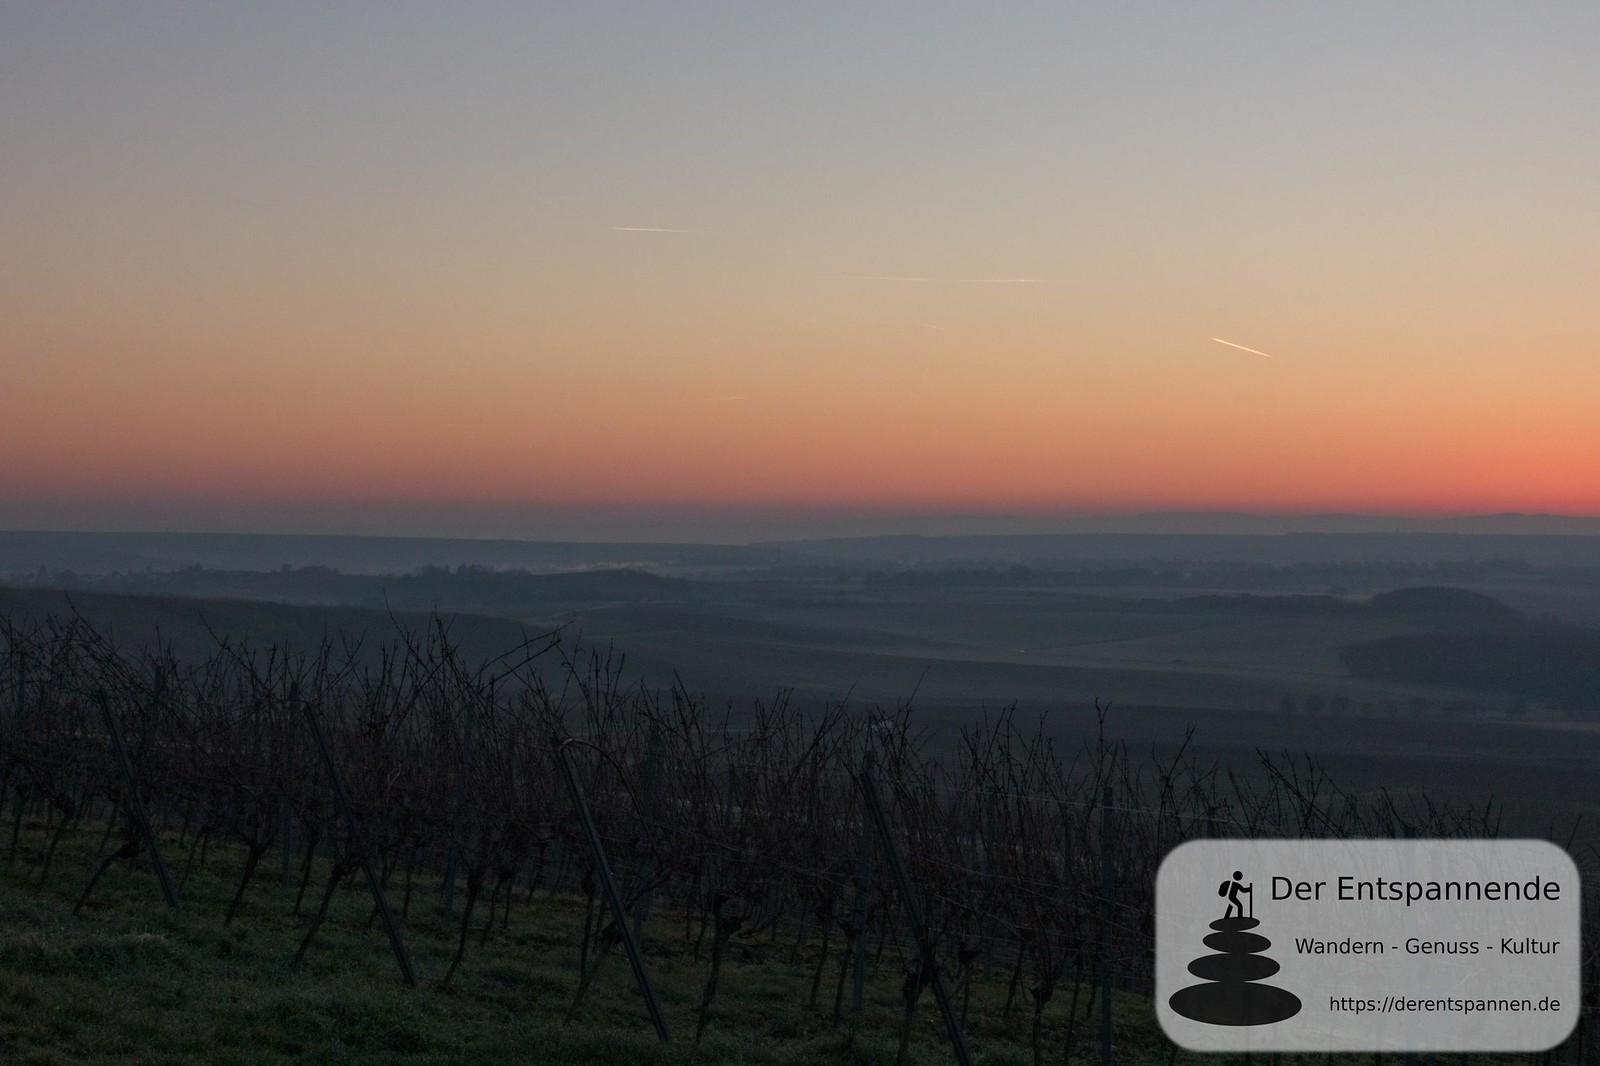 Sonnenaufgang über dem Selzbogen (Selzer Gottesgarten, Januar am Selzbogen)